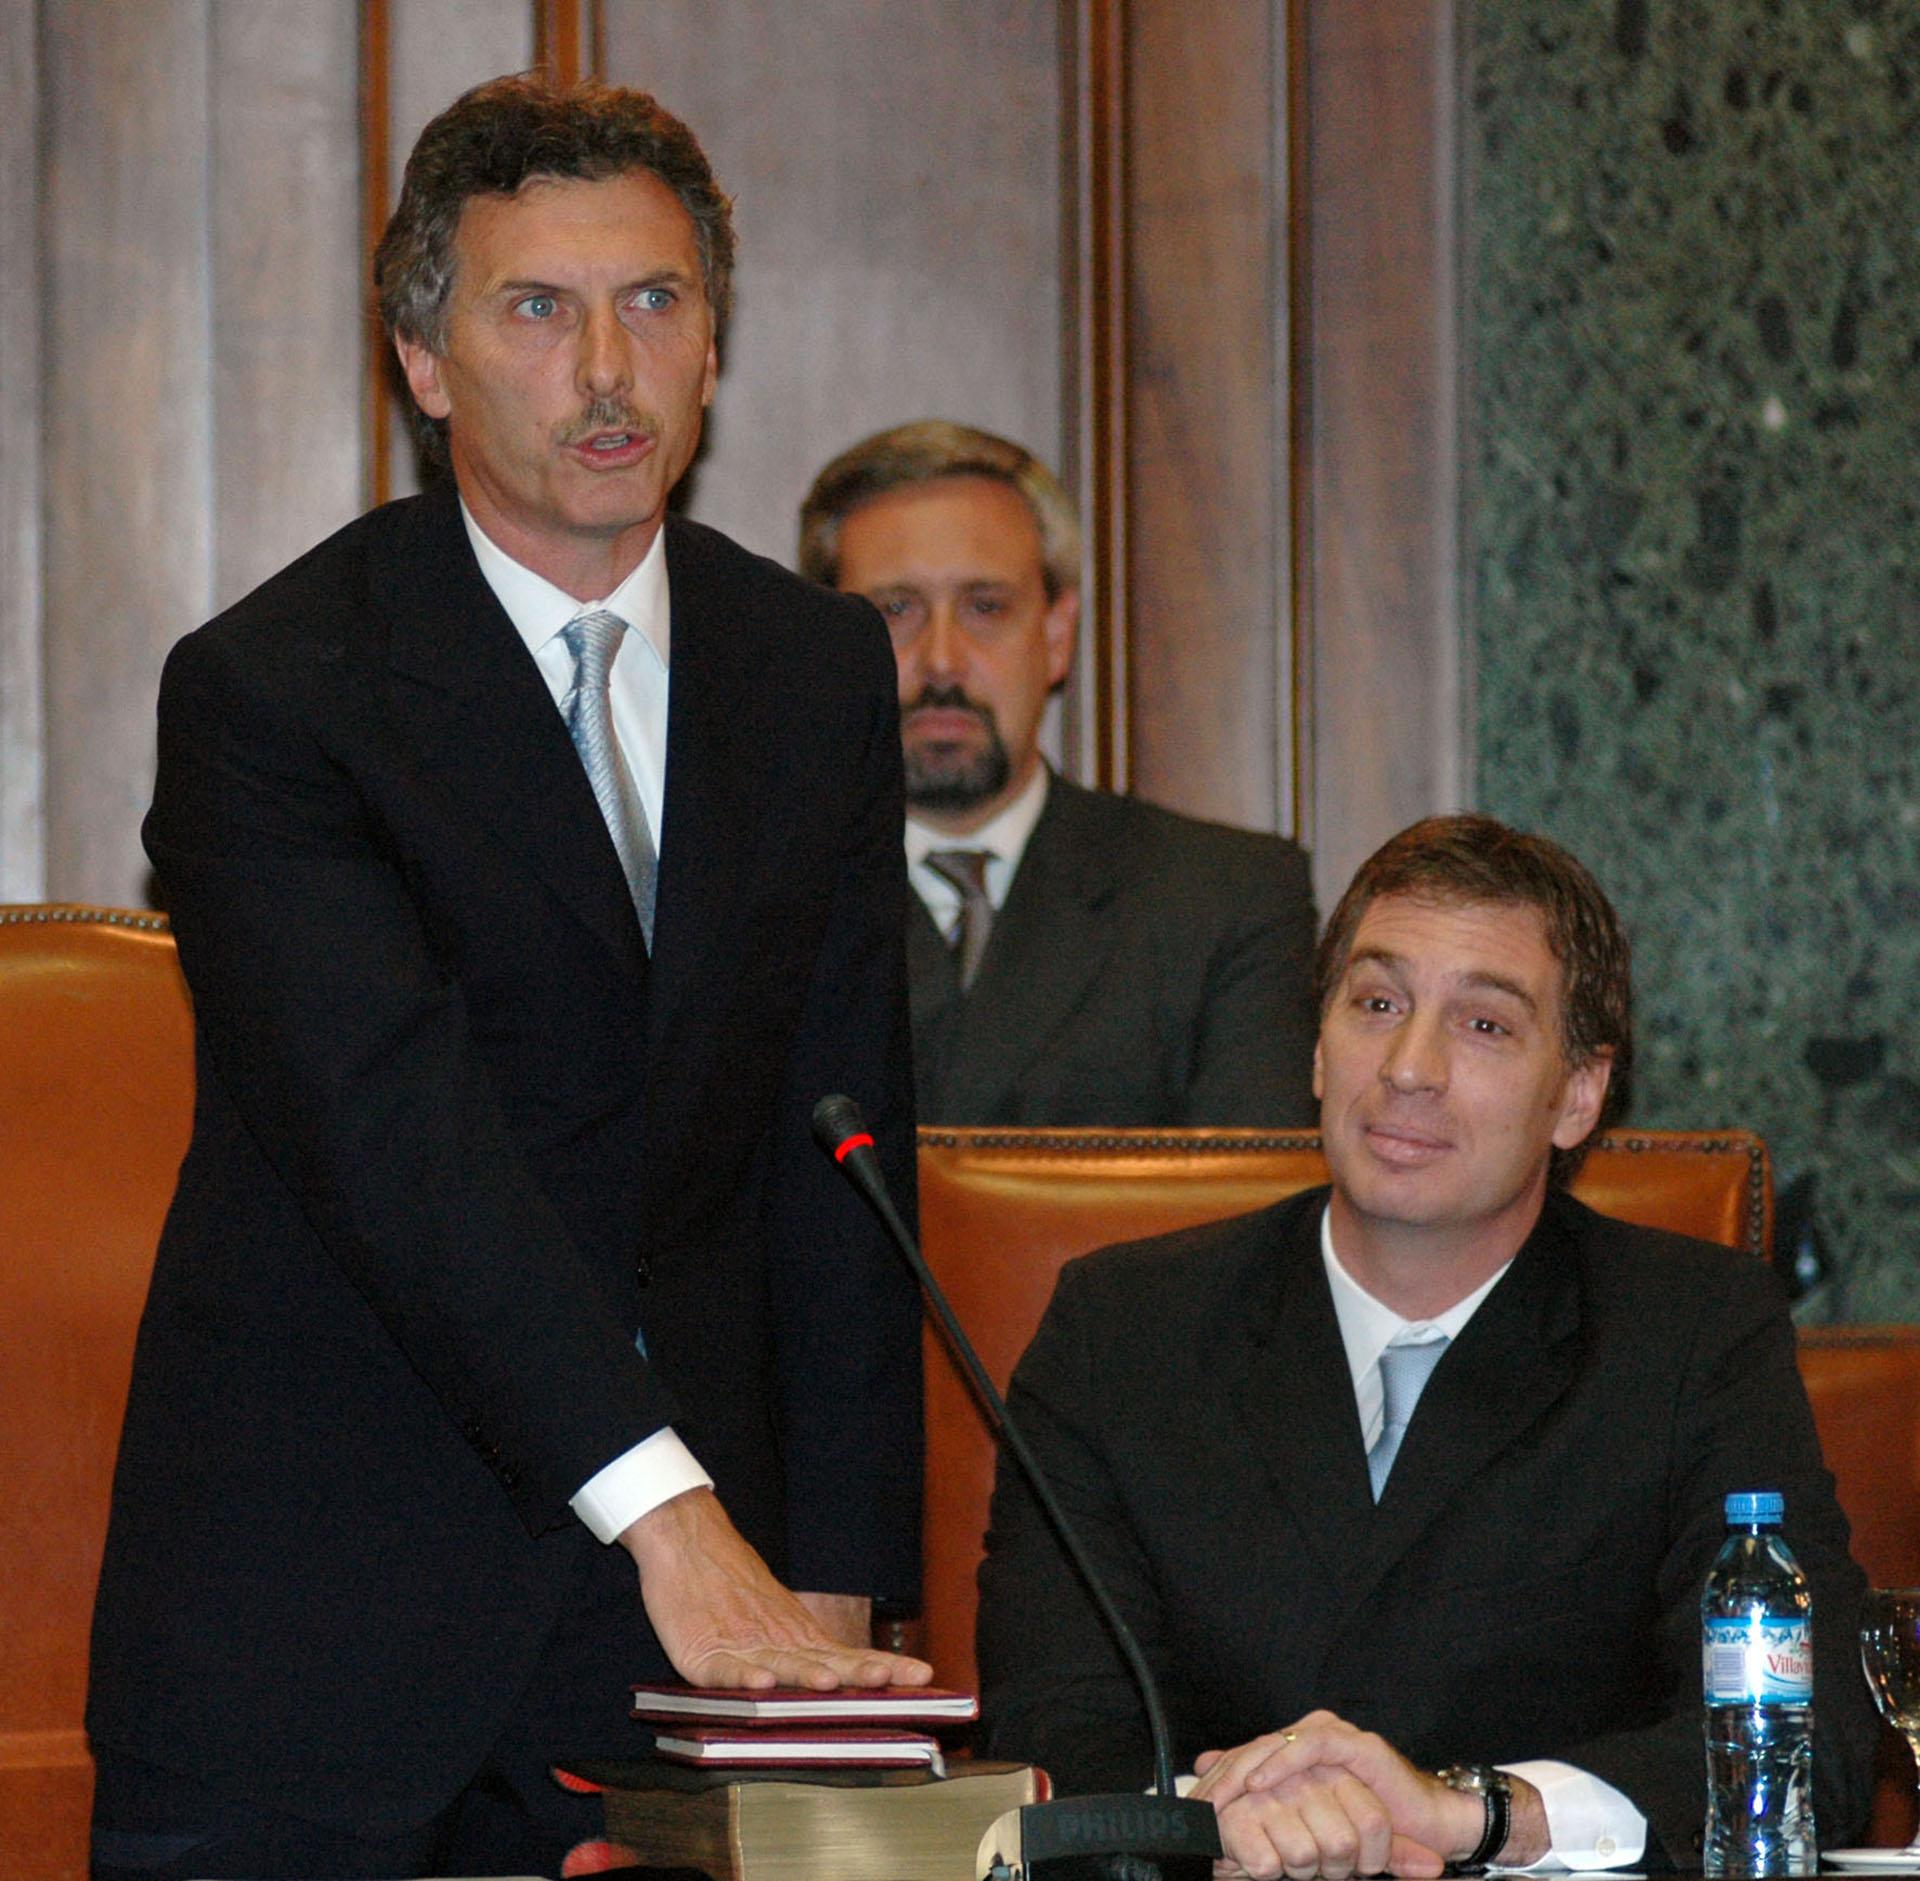 2007. Durante el acto en el que asumió su cargo, realizado en la legislatura de la Ciudad